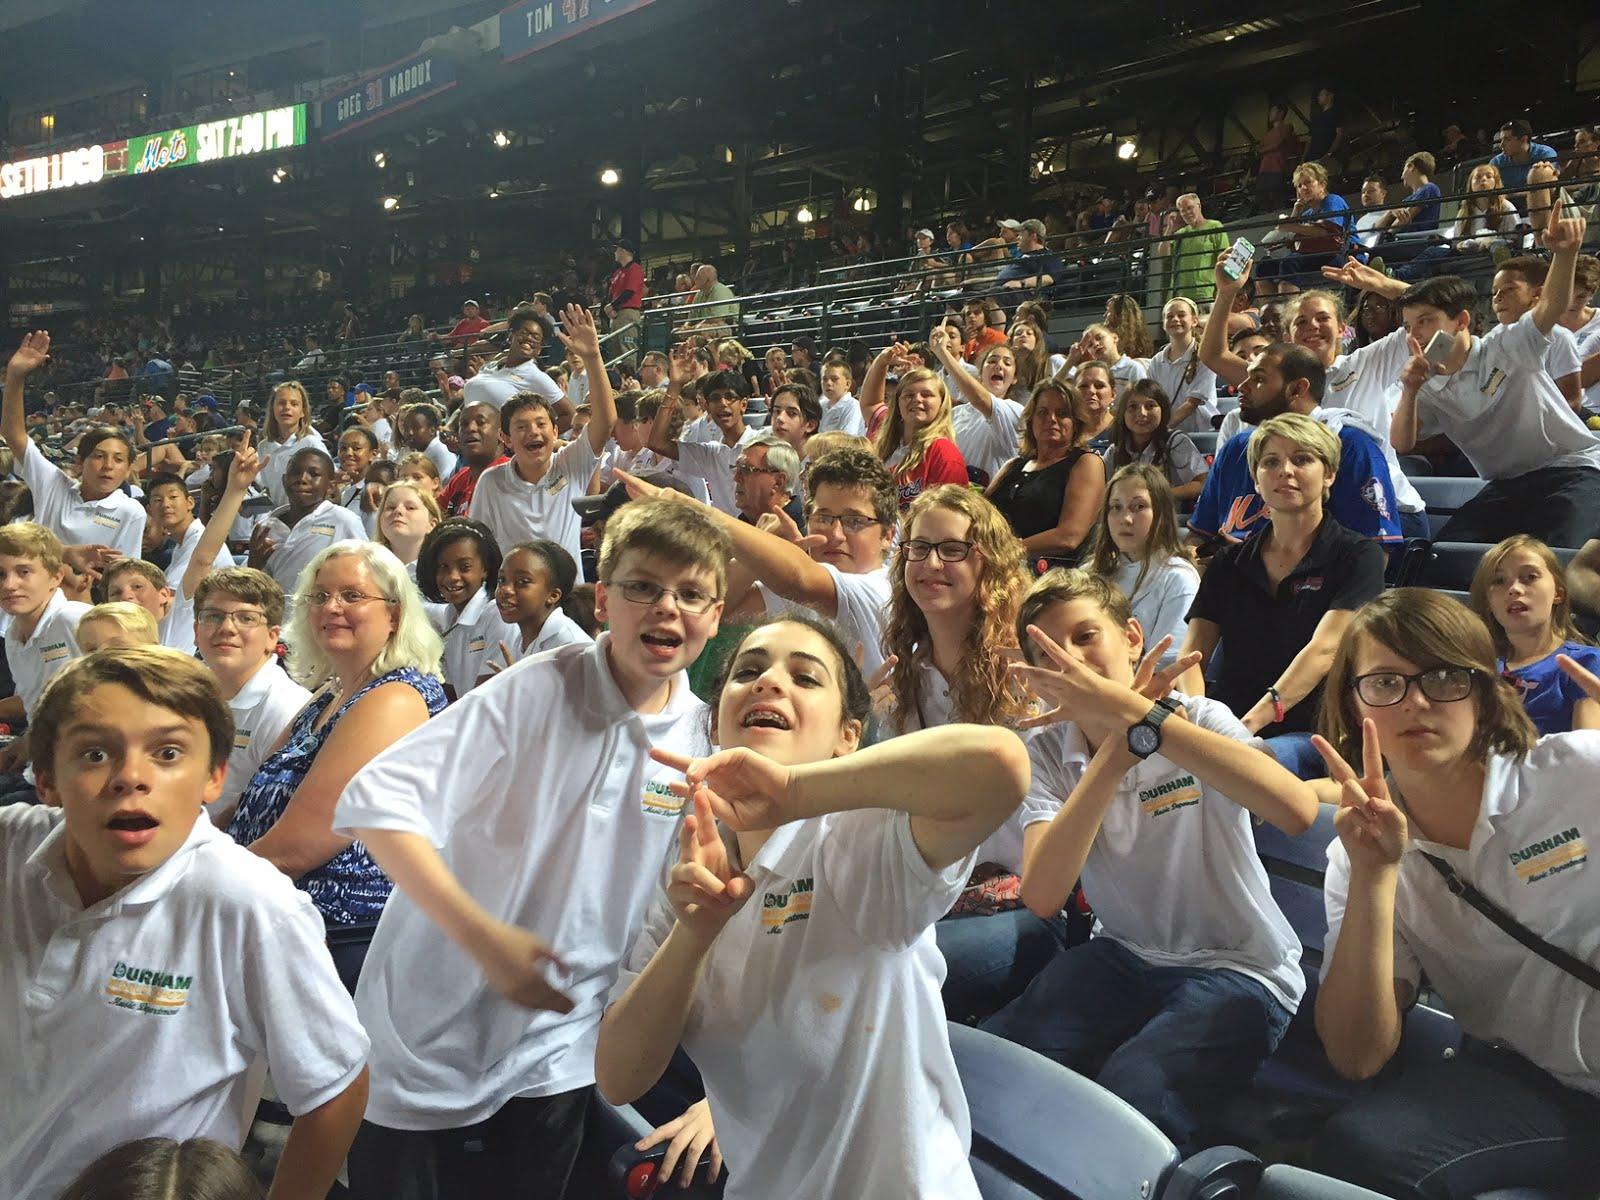 Braves Game September 2016